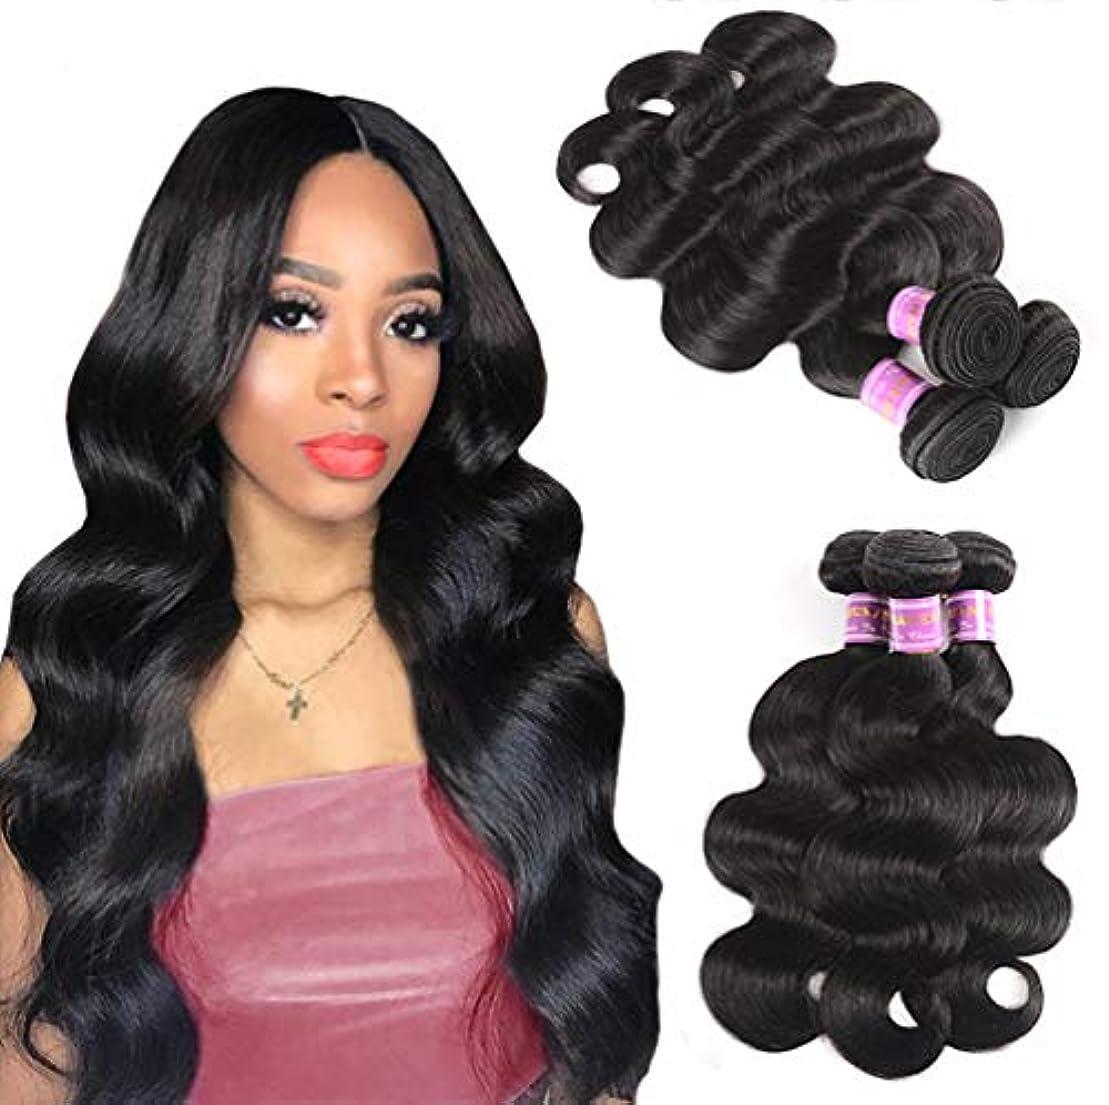 アロング生自殺女性ブラジルの髪の束ボディ波バージン髪織り赤ちゃんの髪の自由な部分自然な色(3バンドル)